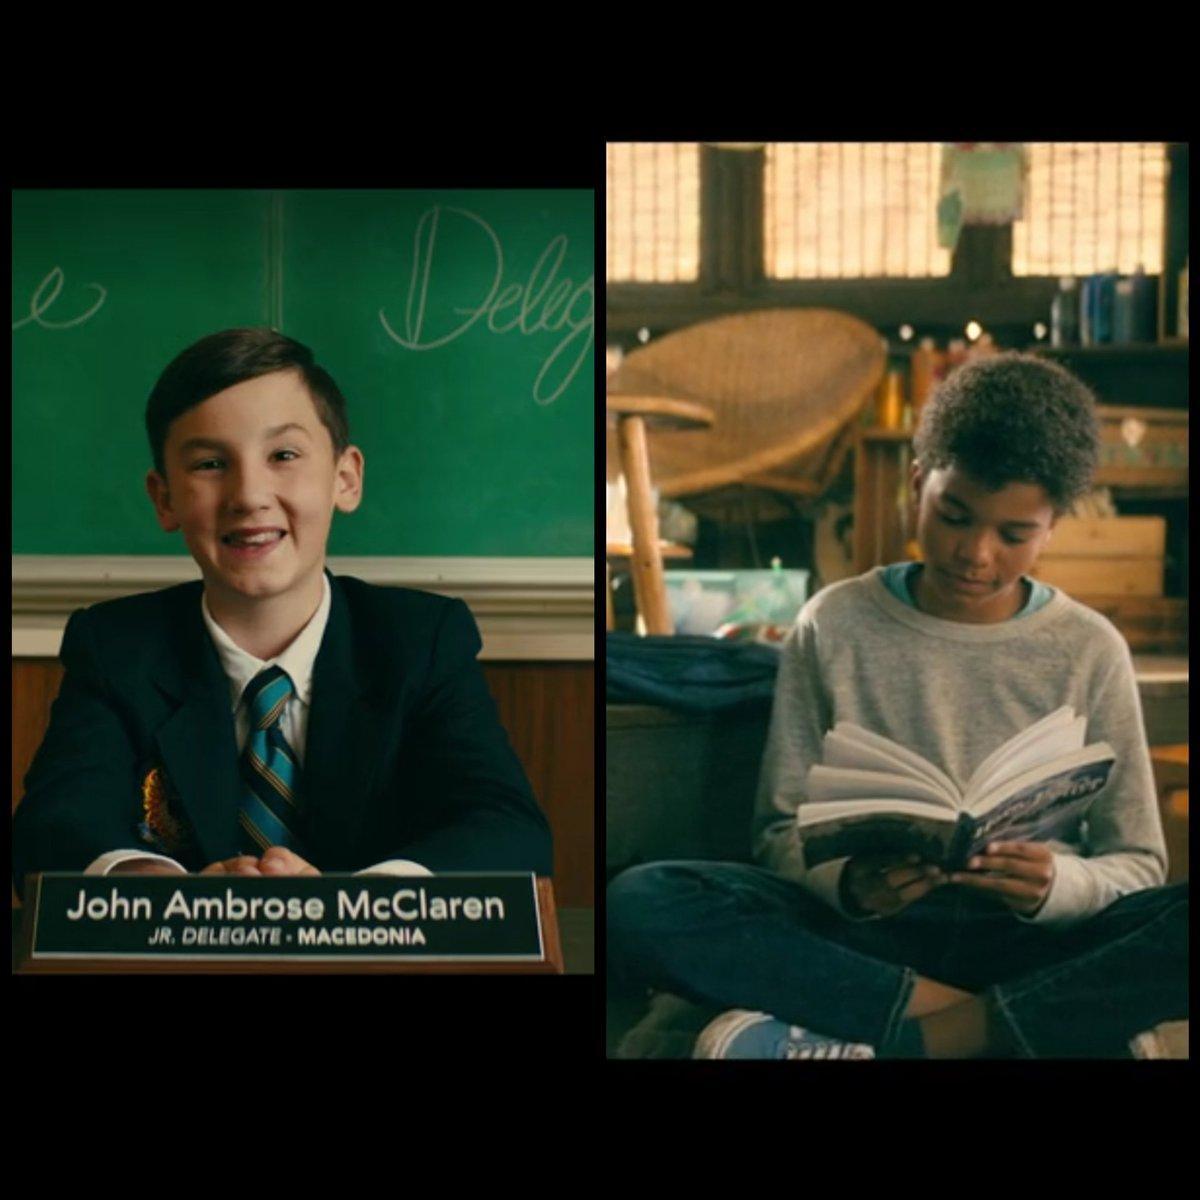 Ganz offensichtlich ein und der selbe John Ambrosse McClaren @NetflixDE  wirklich tolle Filme aber bei eigen Produktionen sollte man vielleicht besser auf die Besatzung achten...pic.twitter.com/YXfQsUKFrZ